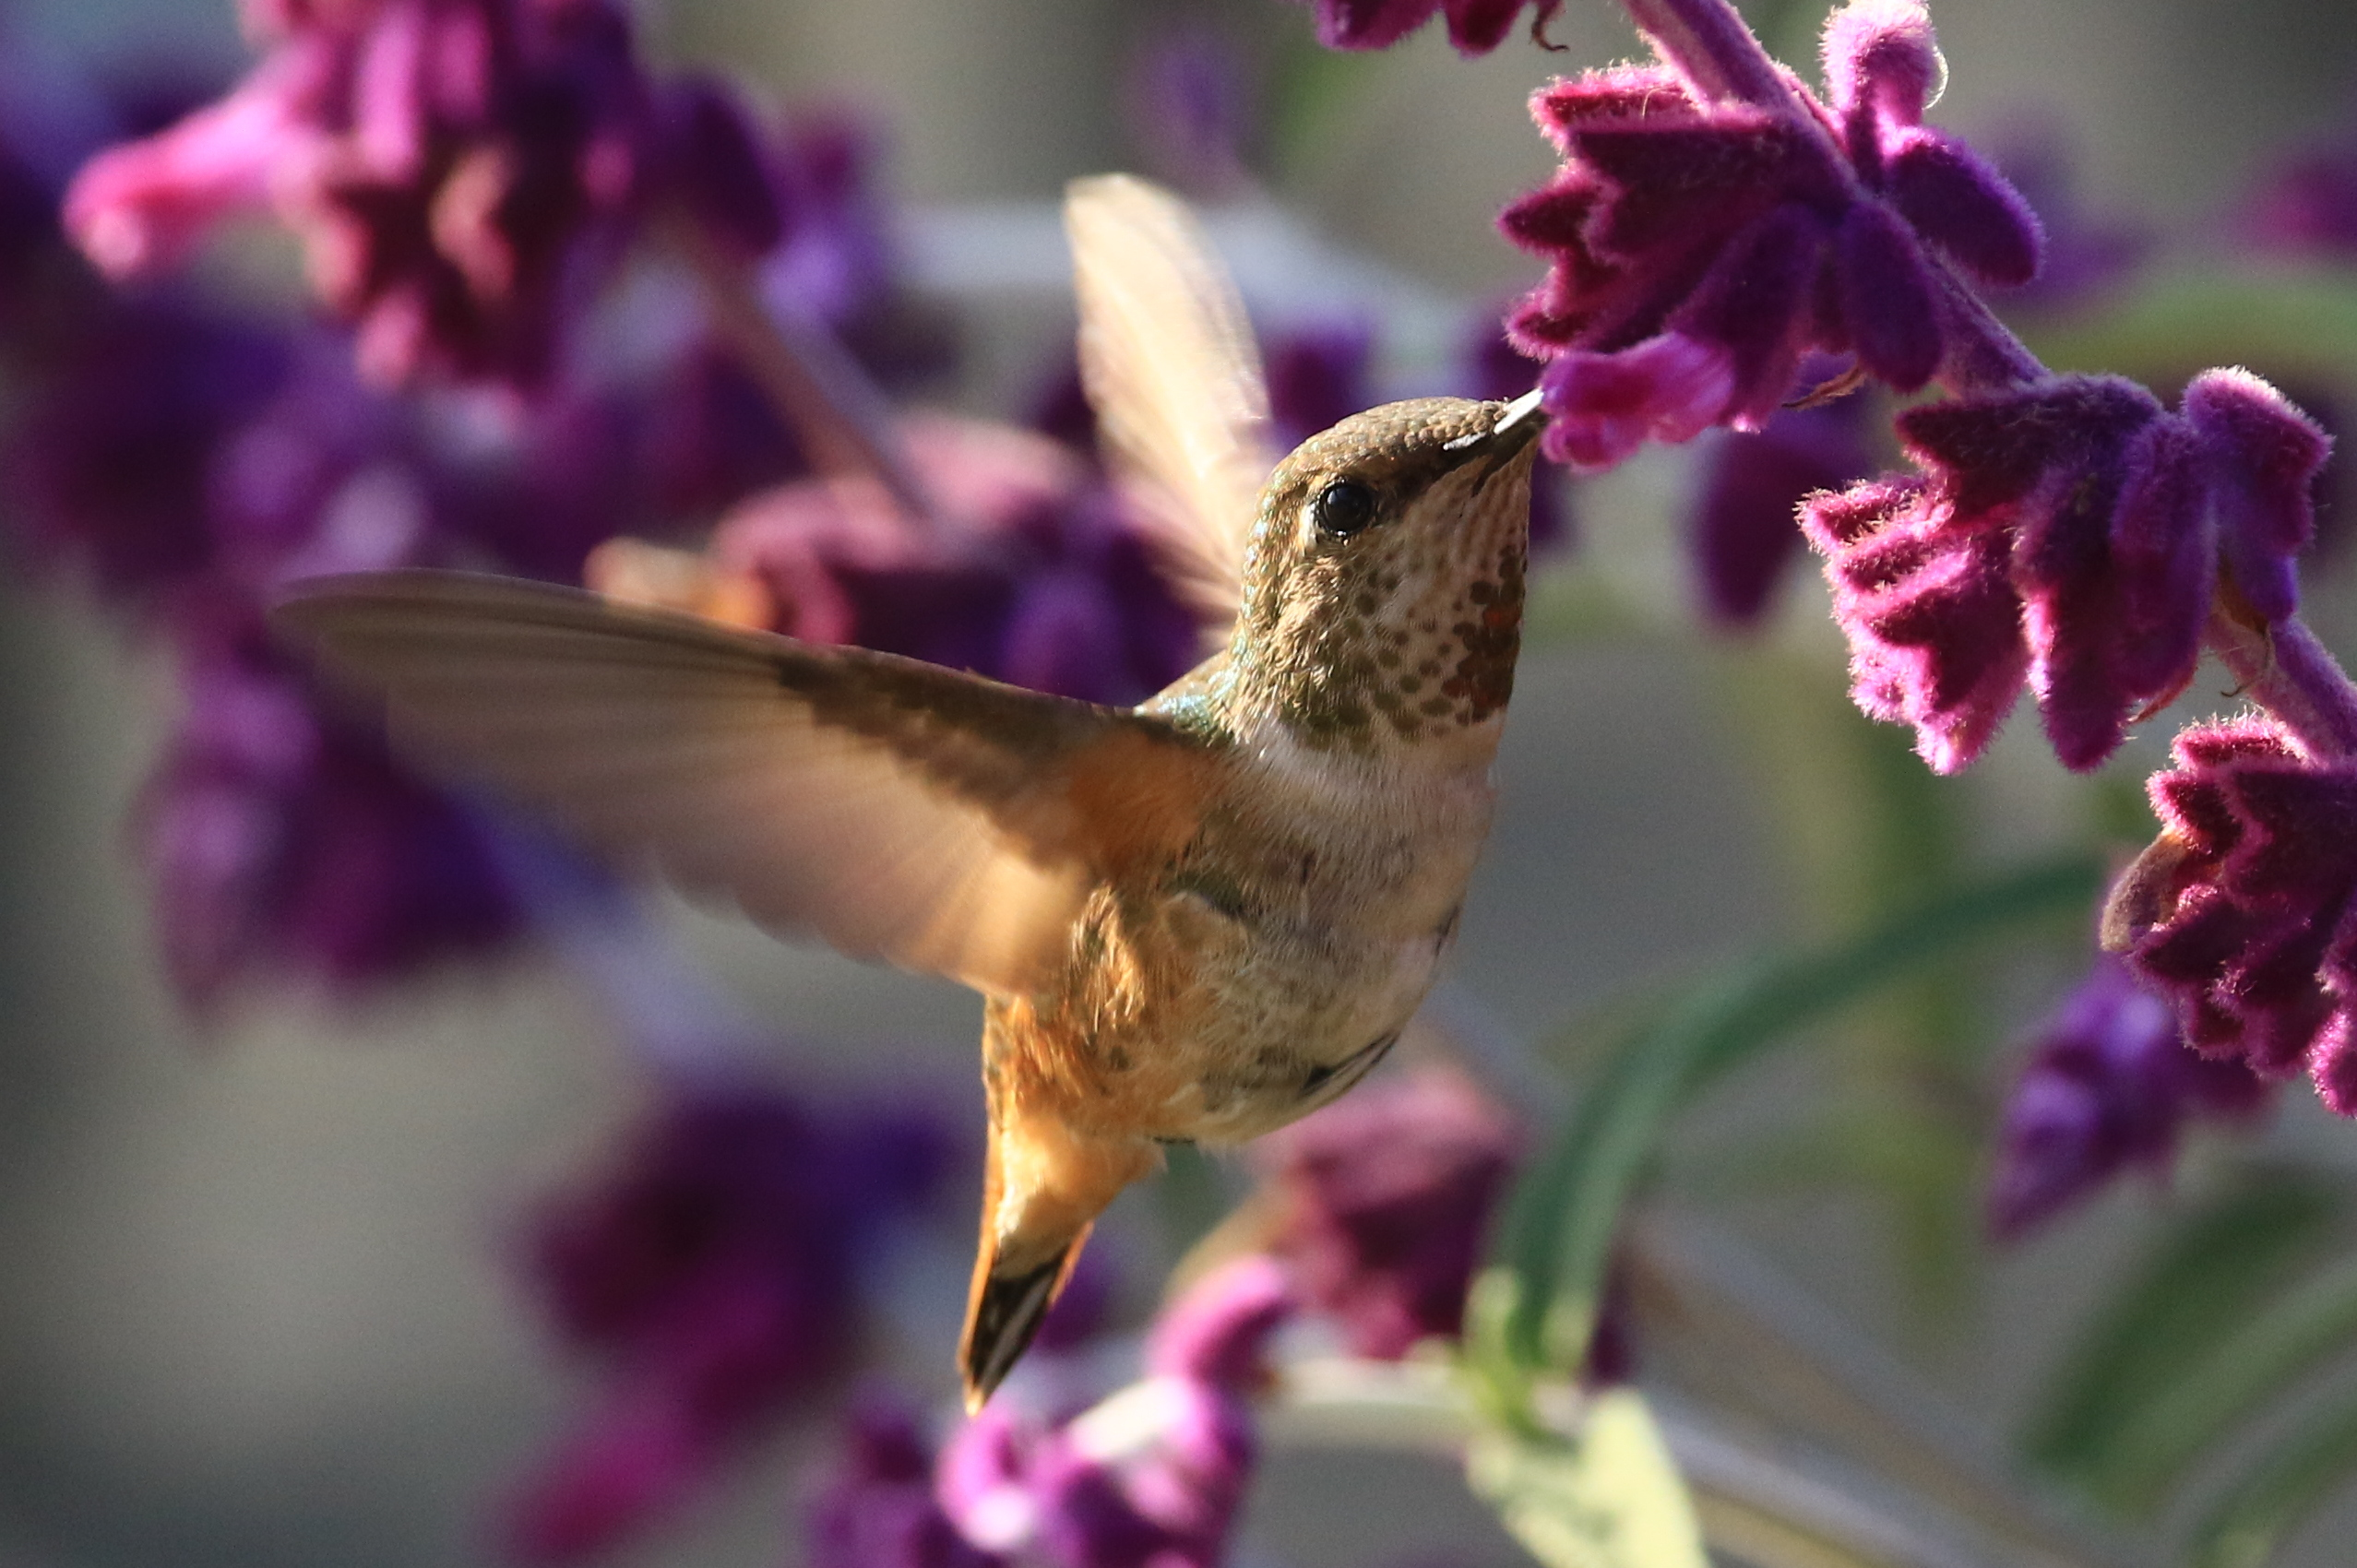 Hummingbird at Olivas Adobe